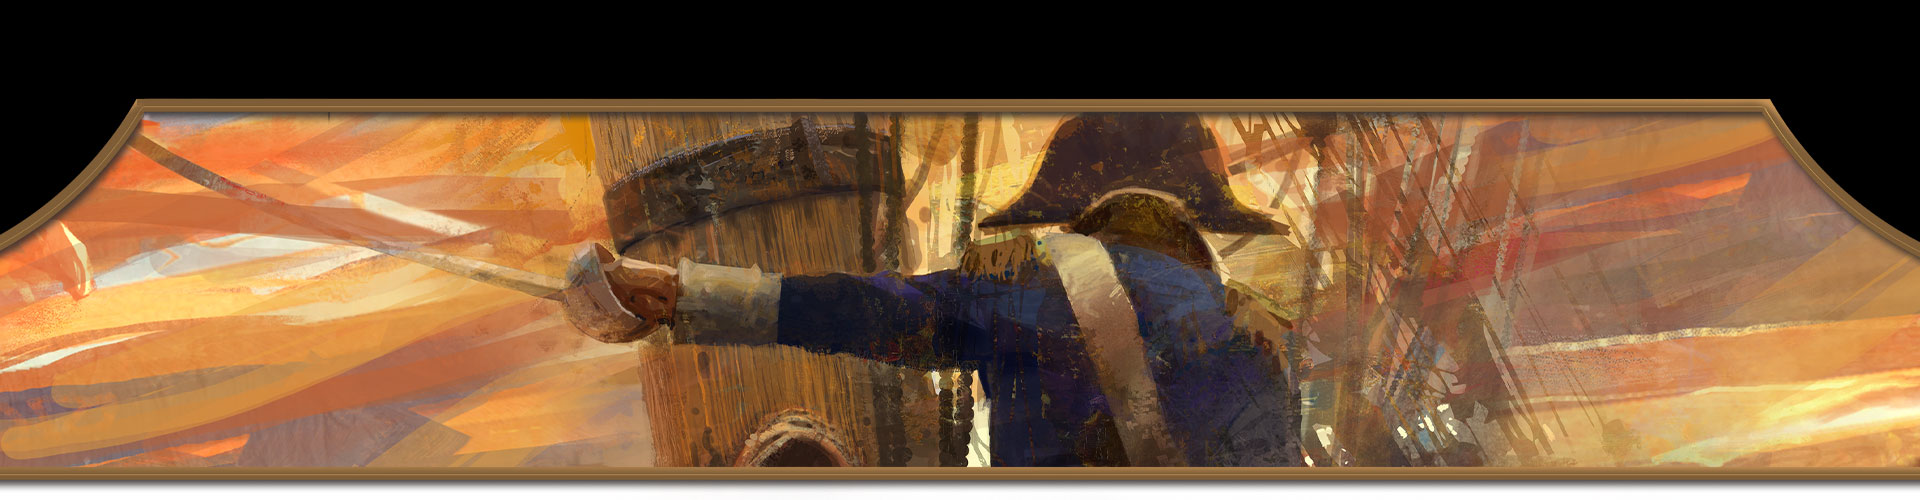 Pirata com a sua espada para a esquerda